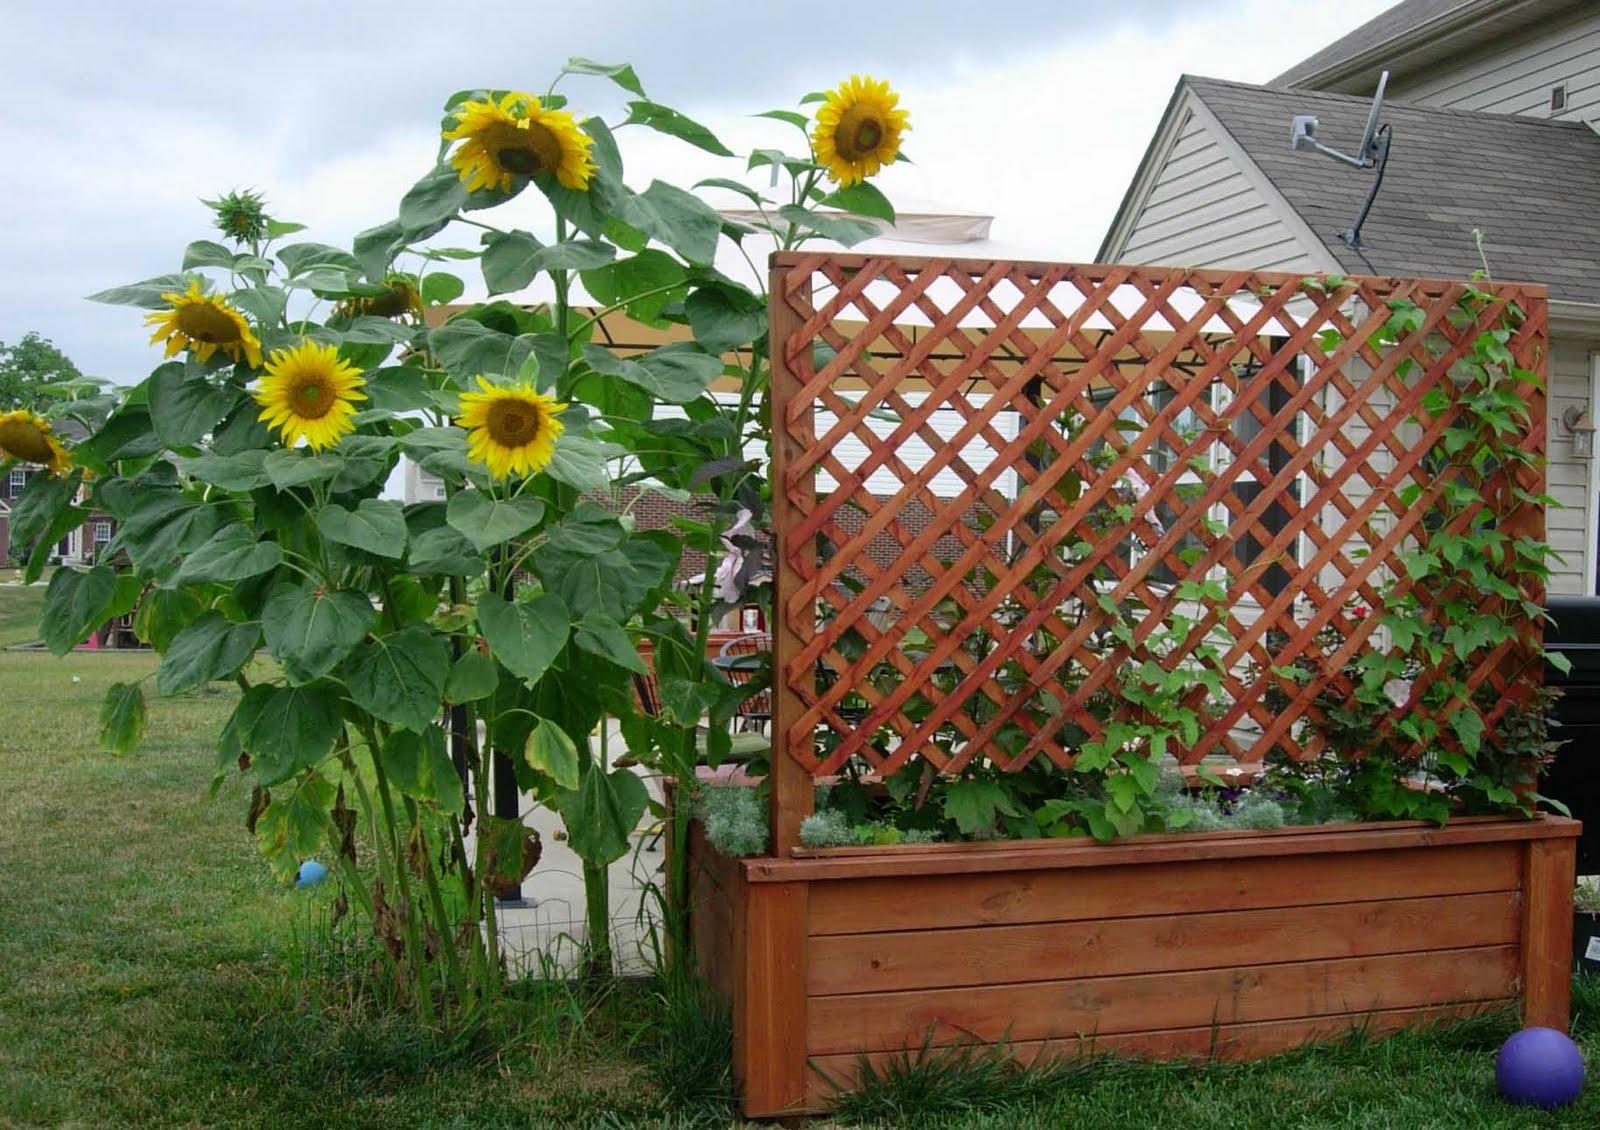 http://2.bp.blogspot.com/_dzcYab2oe30/S_Q85BCT9xI/AAAAAAAAAuo/AaBVh9K7a24/s1600/garden4.jpg